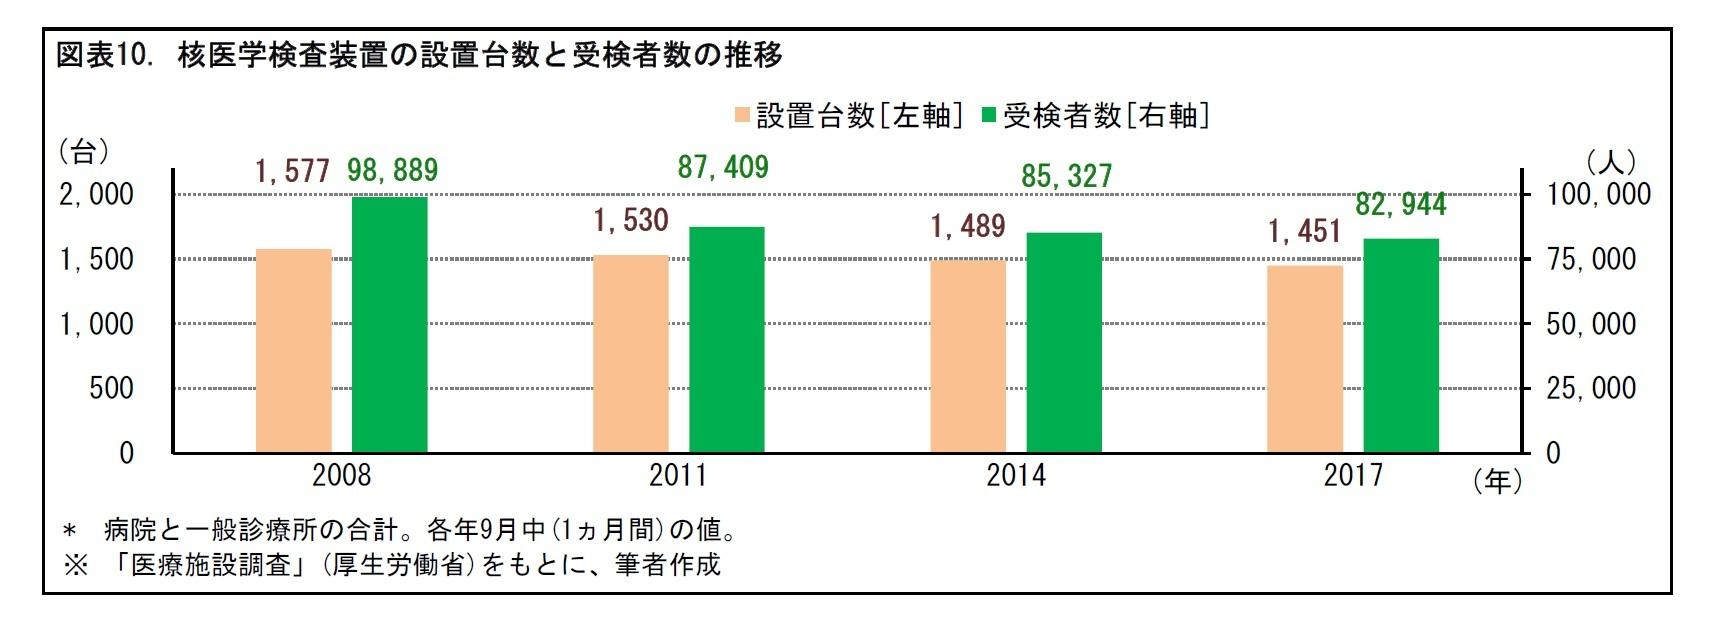 図表10. 核医学検査装置の設置台数と受検者数の推移